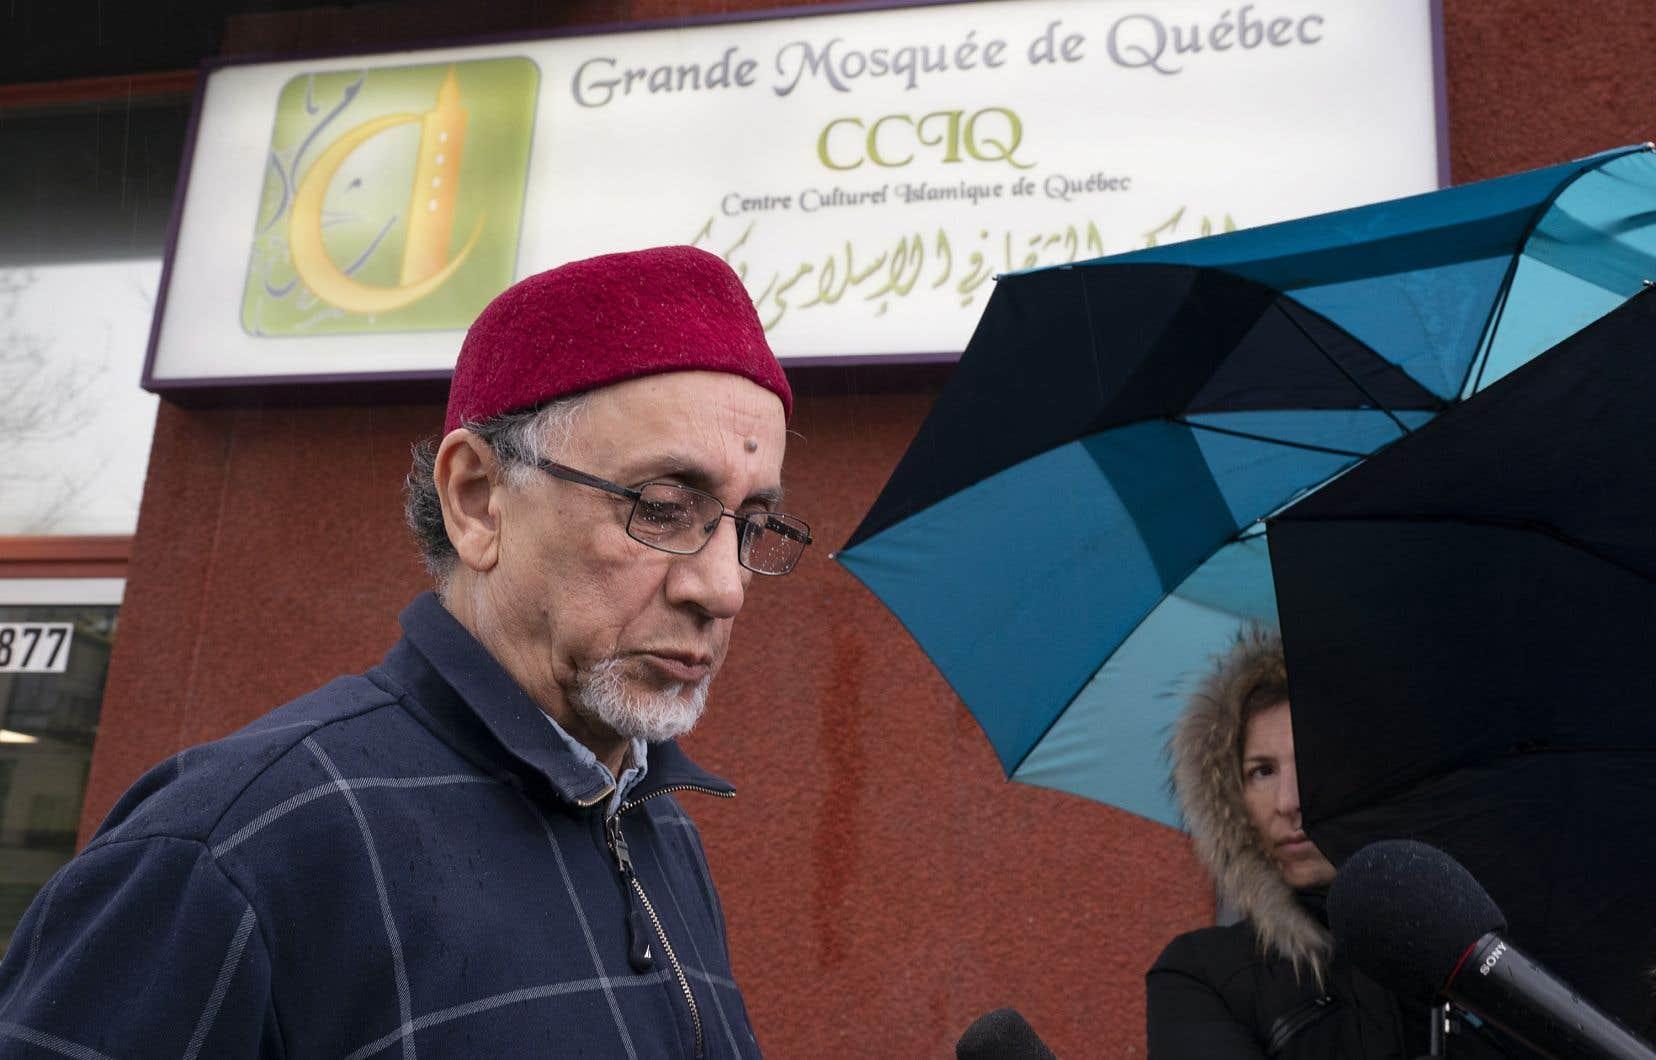 Le porte-parole du CCIQ, Boufeldja Benabdallah, a ajouté que ses pensées allaient aux familles des victimes en Nouvelle-Zélande. «C'est terrible», a-t-il dit.